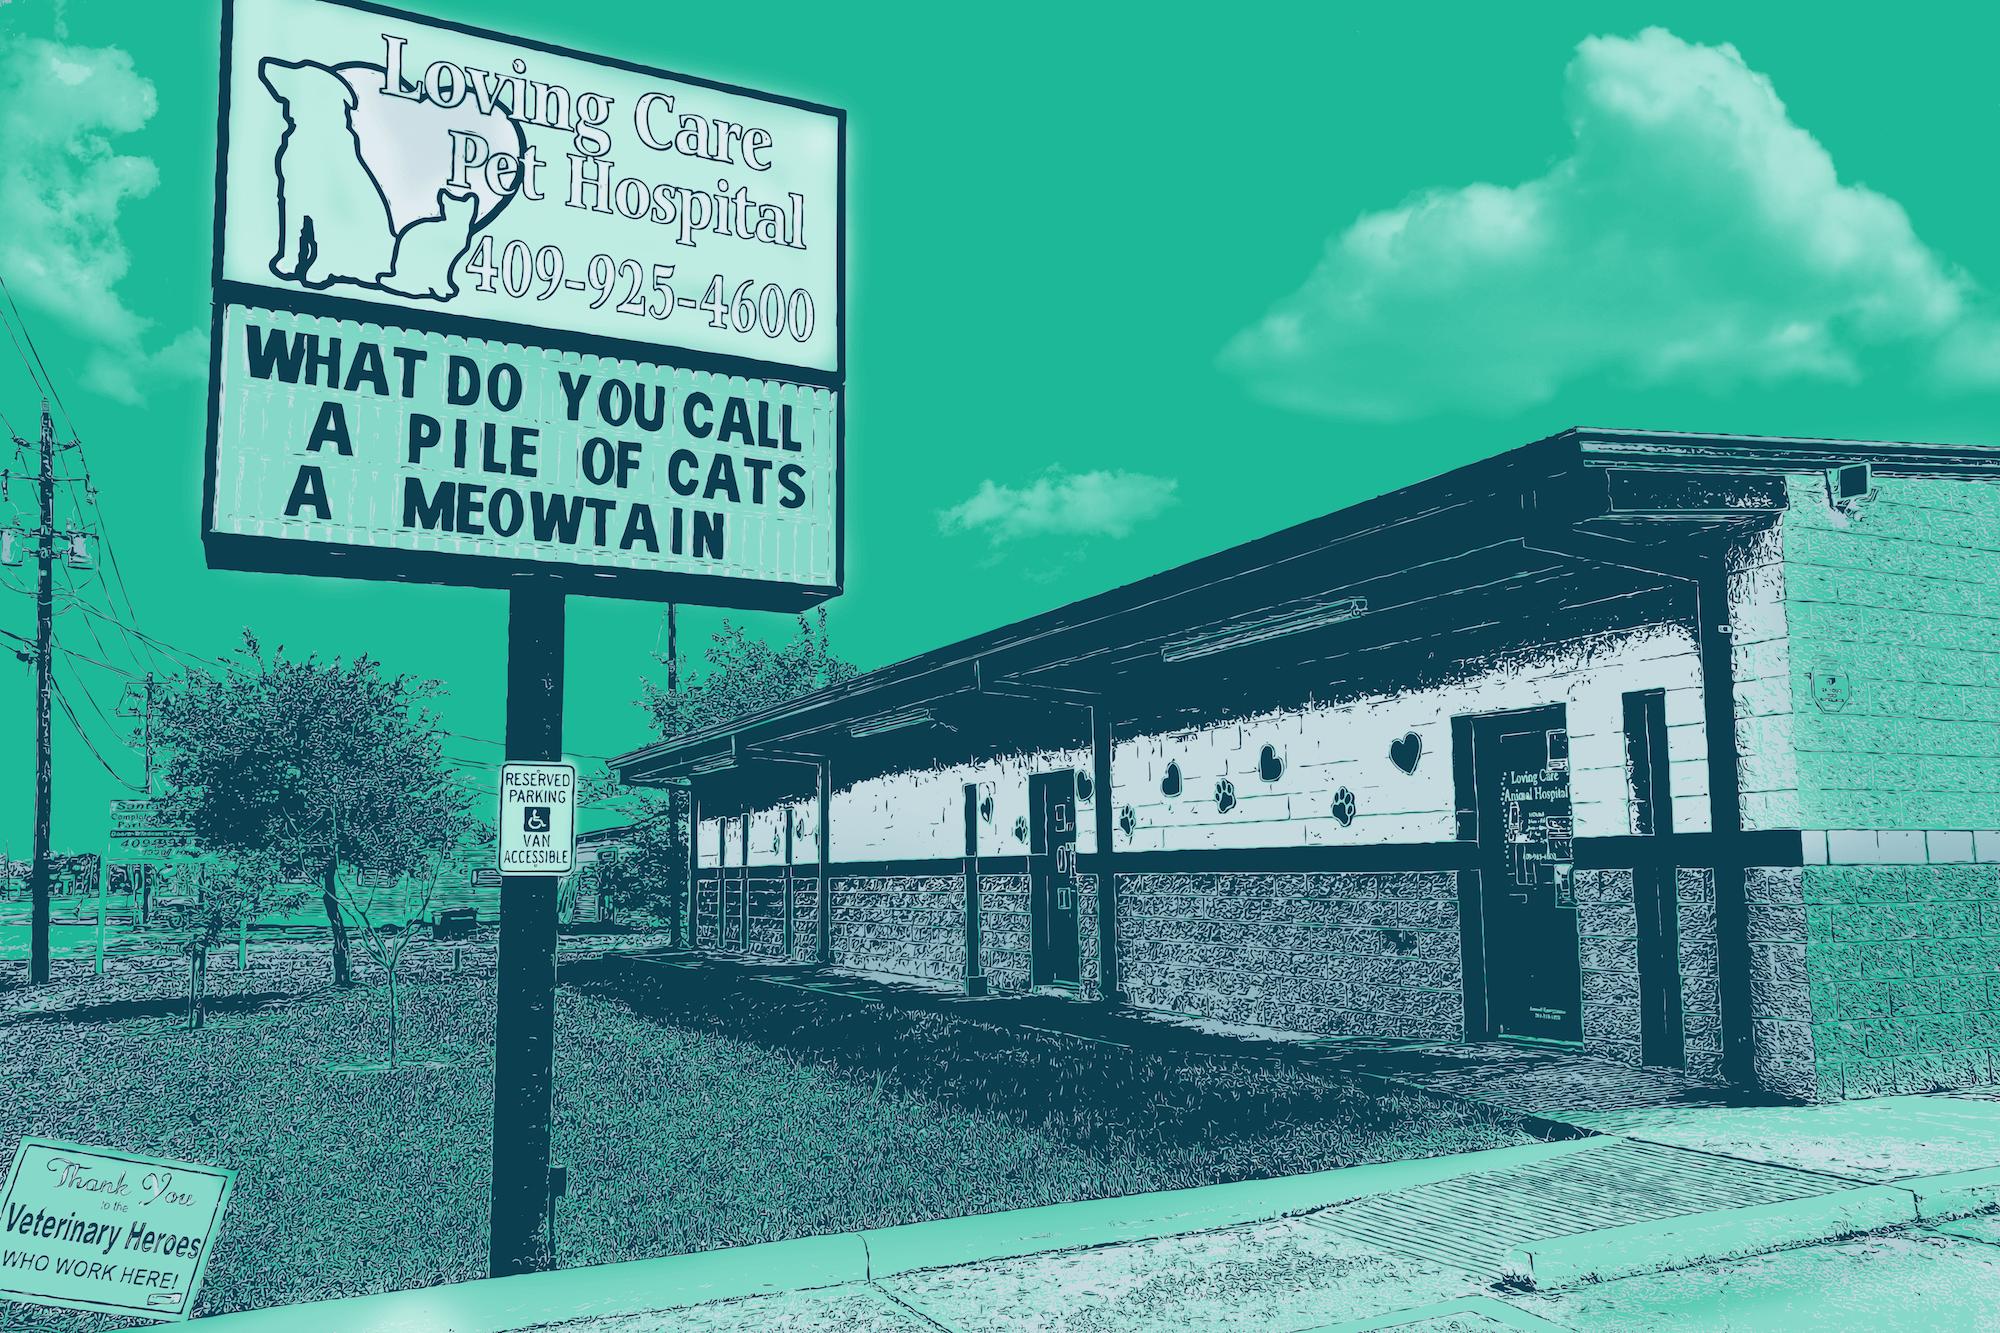 Exterior Loving Care Pet Hospital